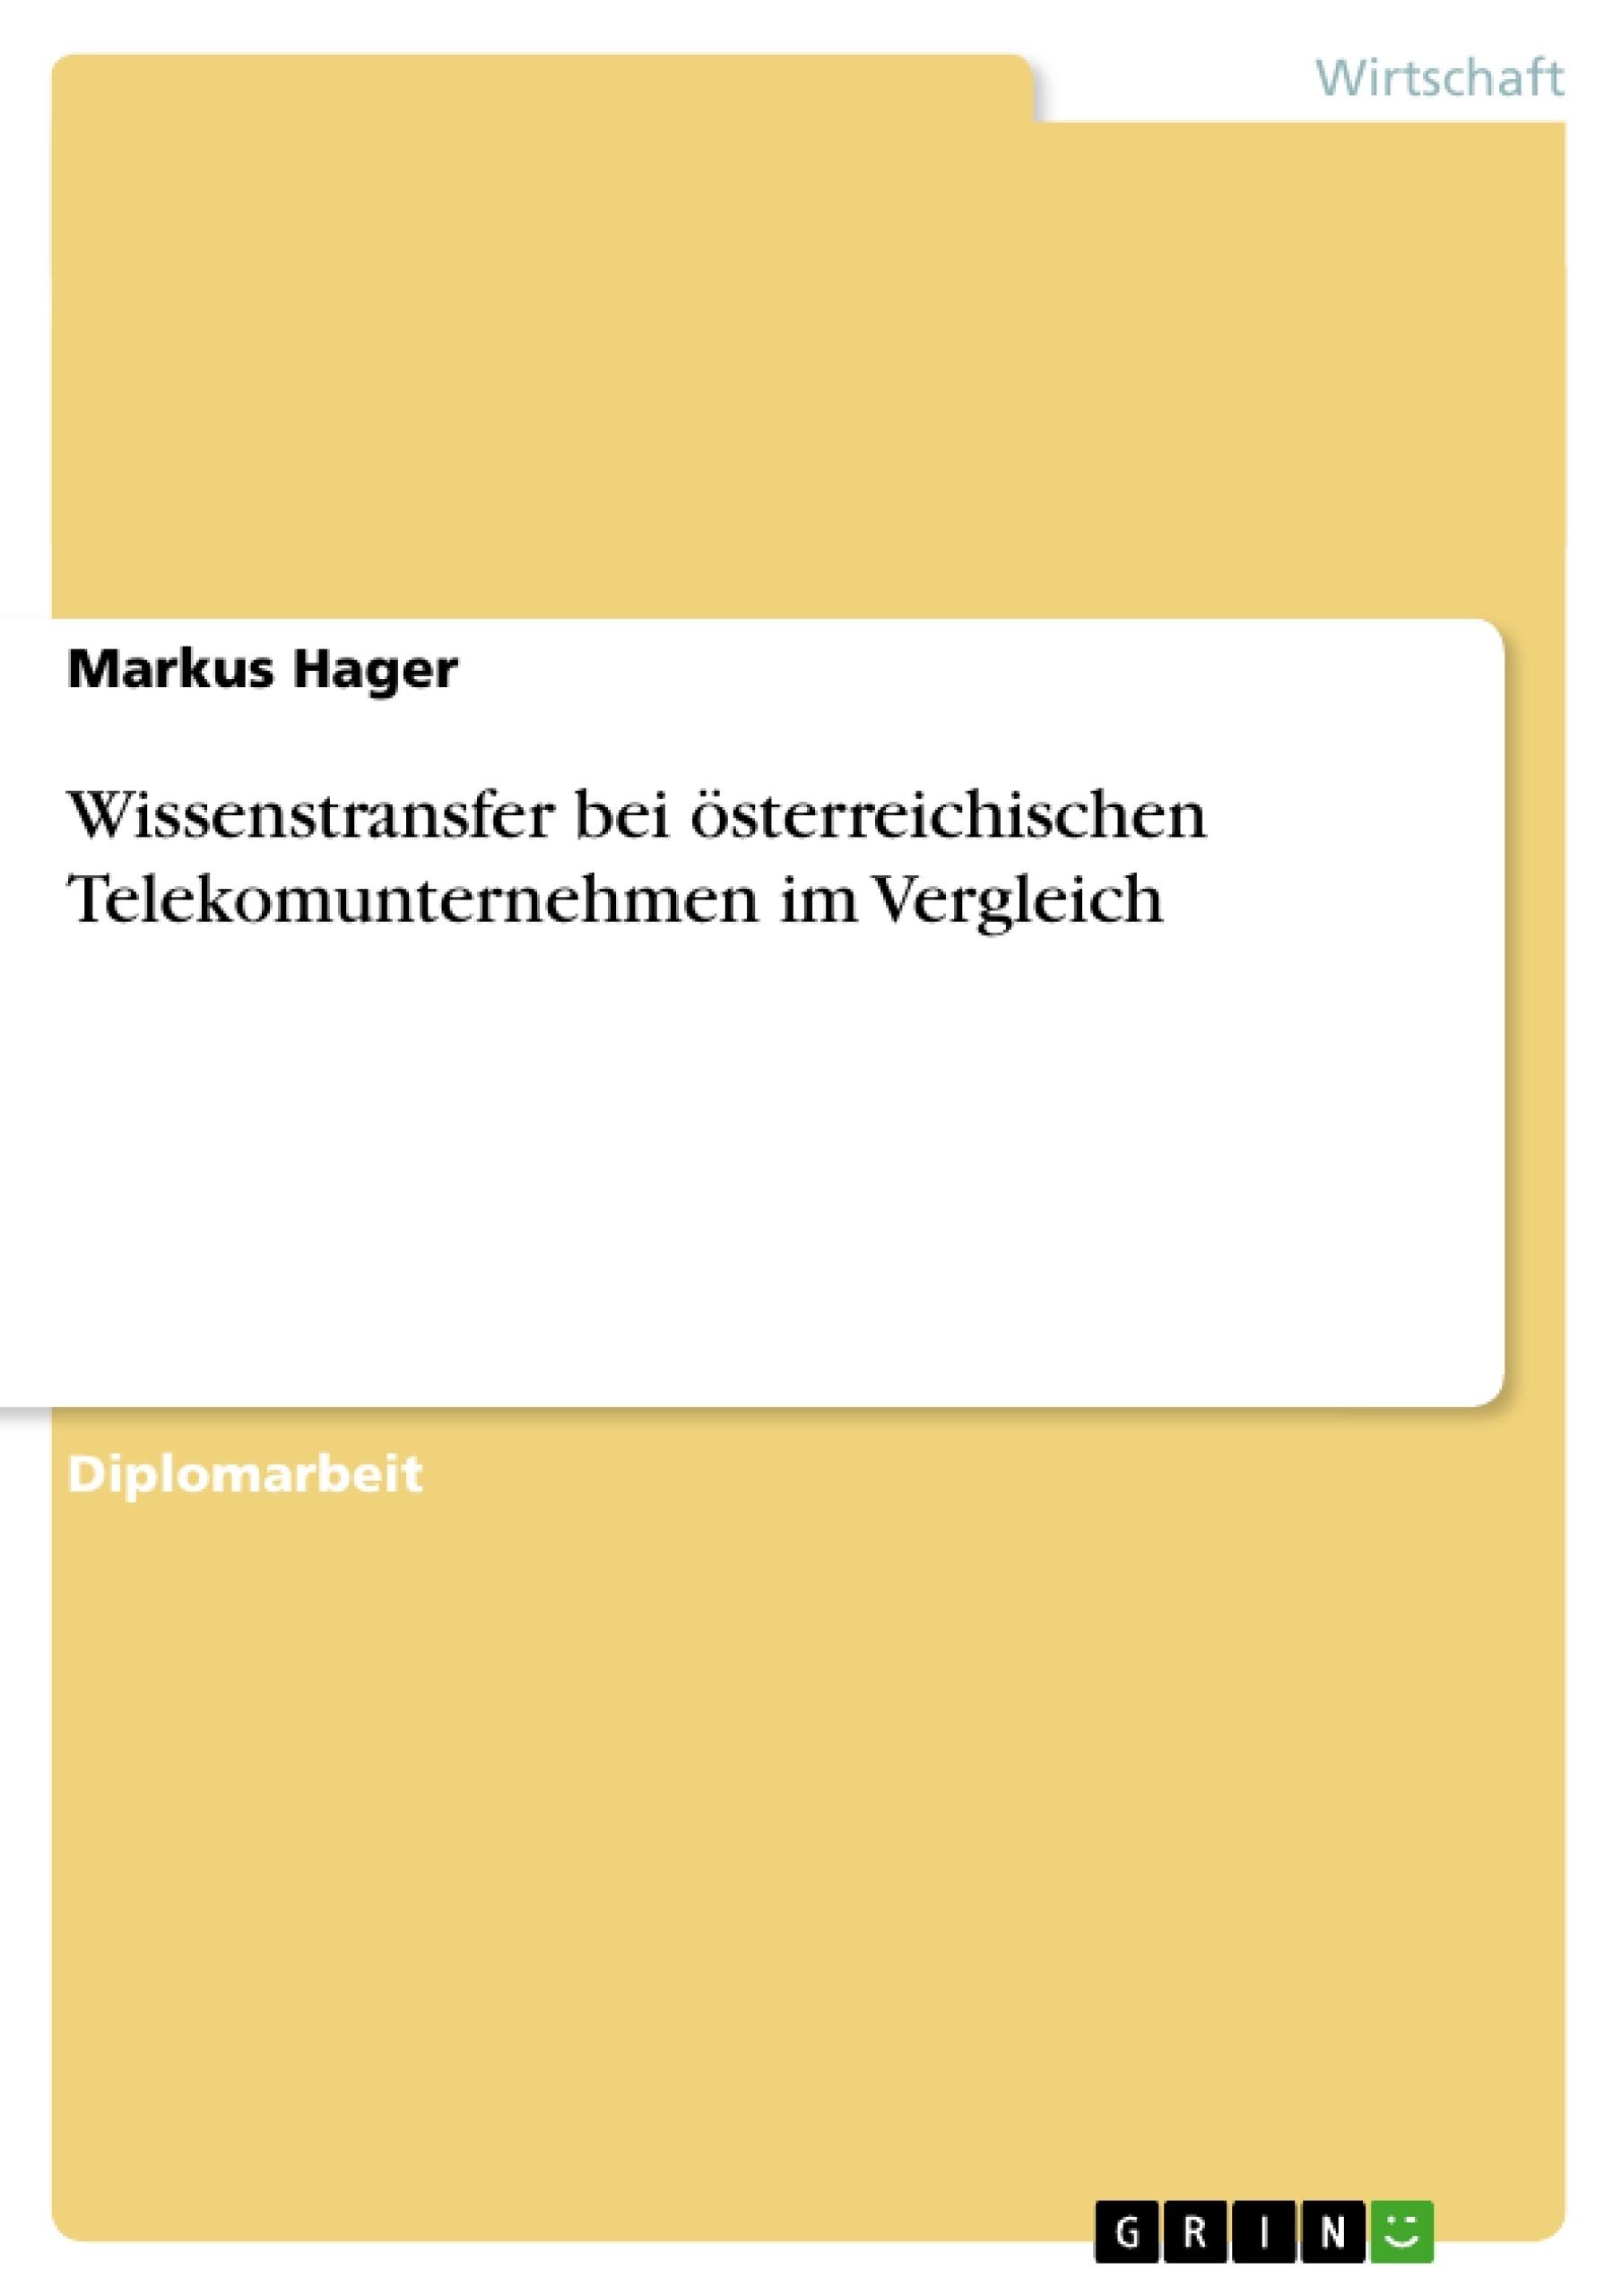 Titel: Wissenstransfer bei österreichischen Telekomunternehmen im Vergleich